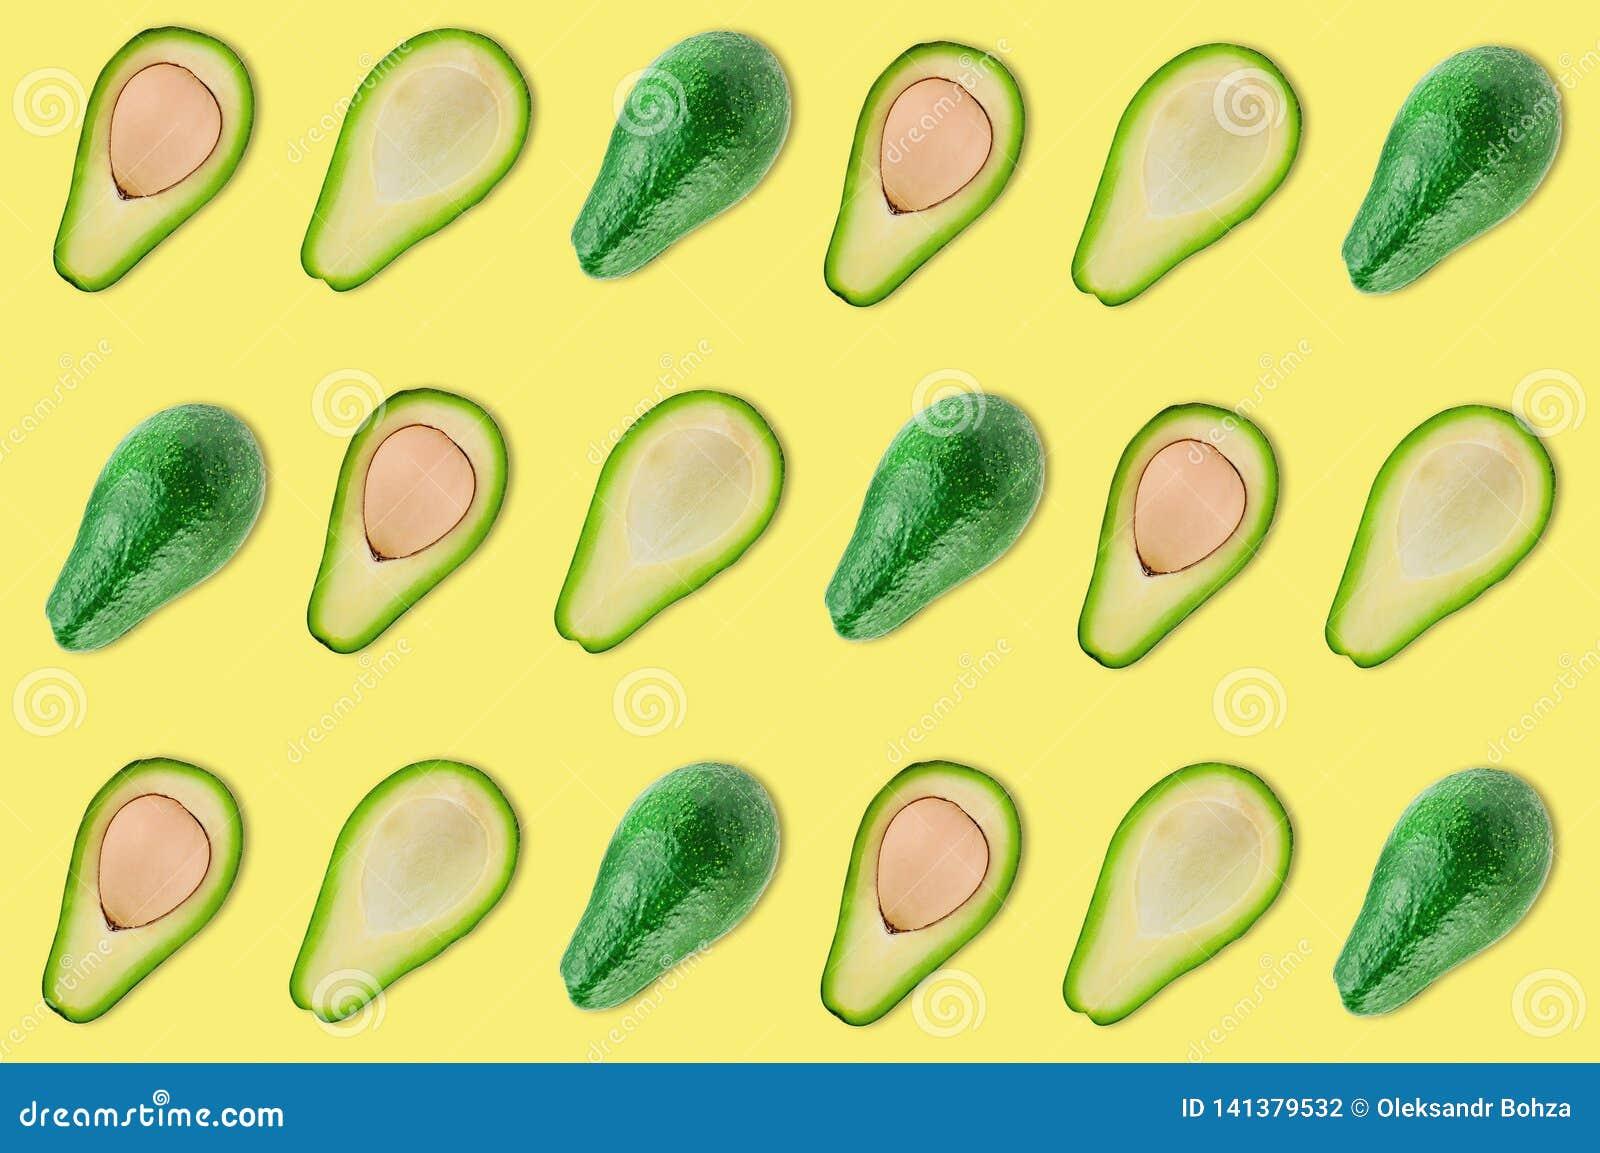 Rijen van geheel en de helften van organische avocado met en zonder pitten in centrum van gele lijst in keuken of markt